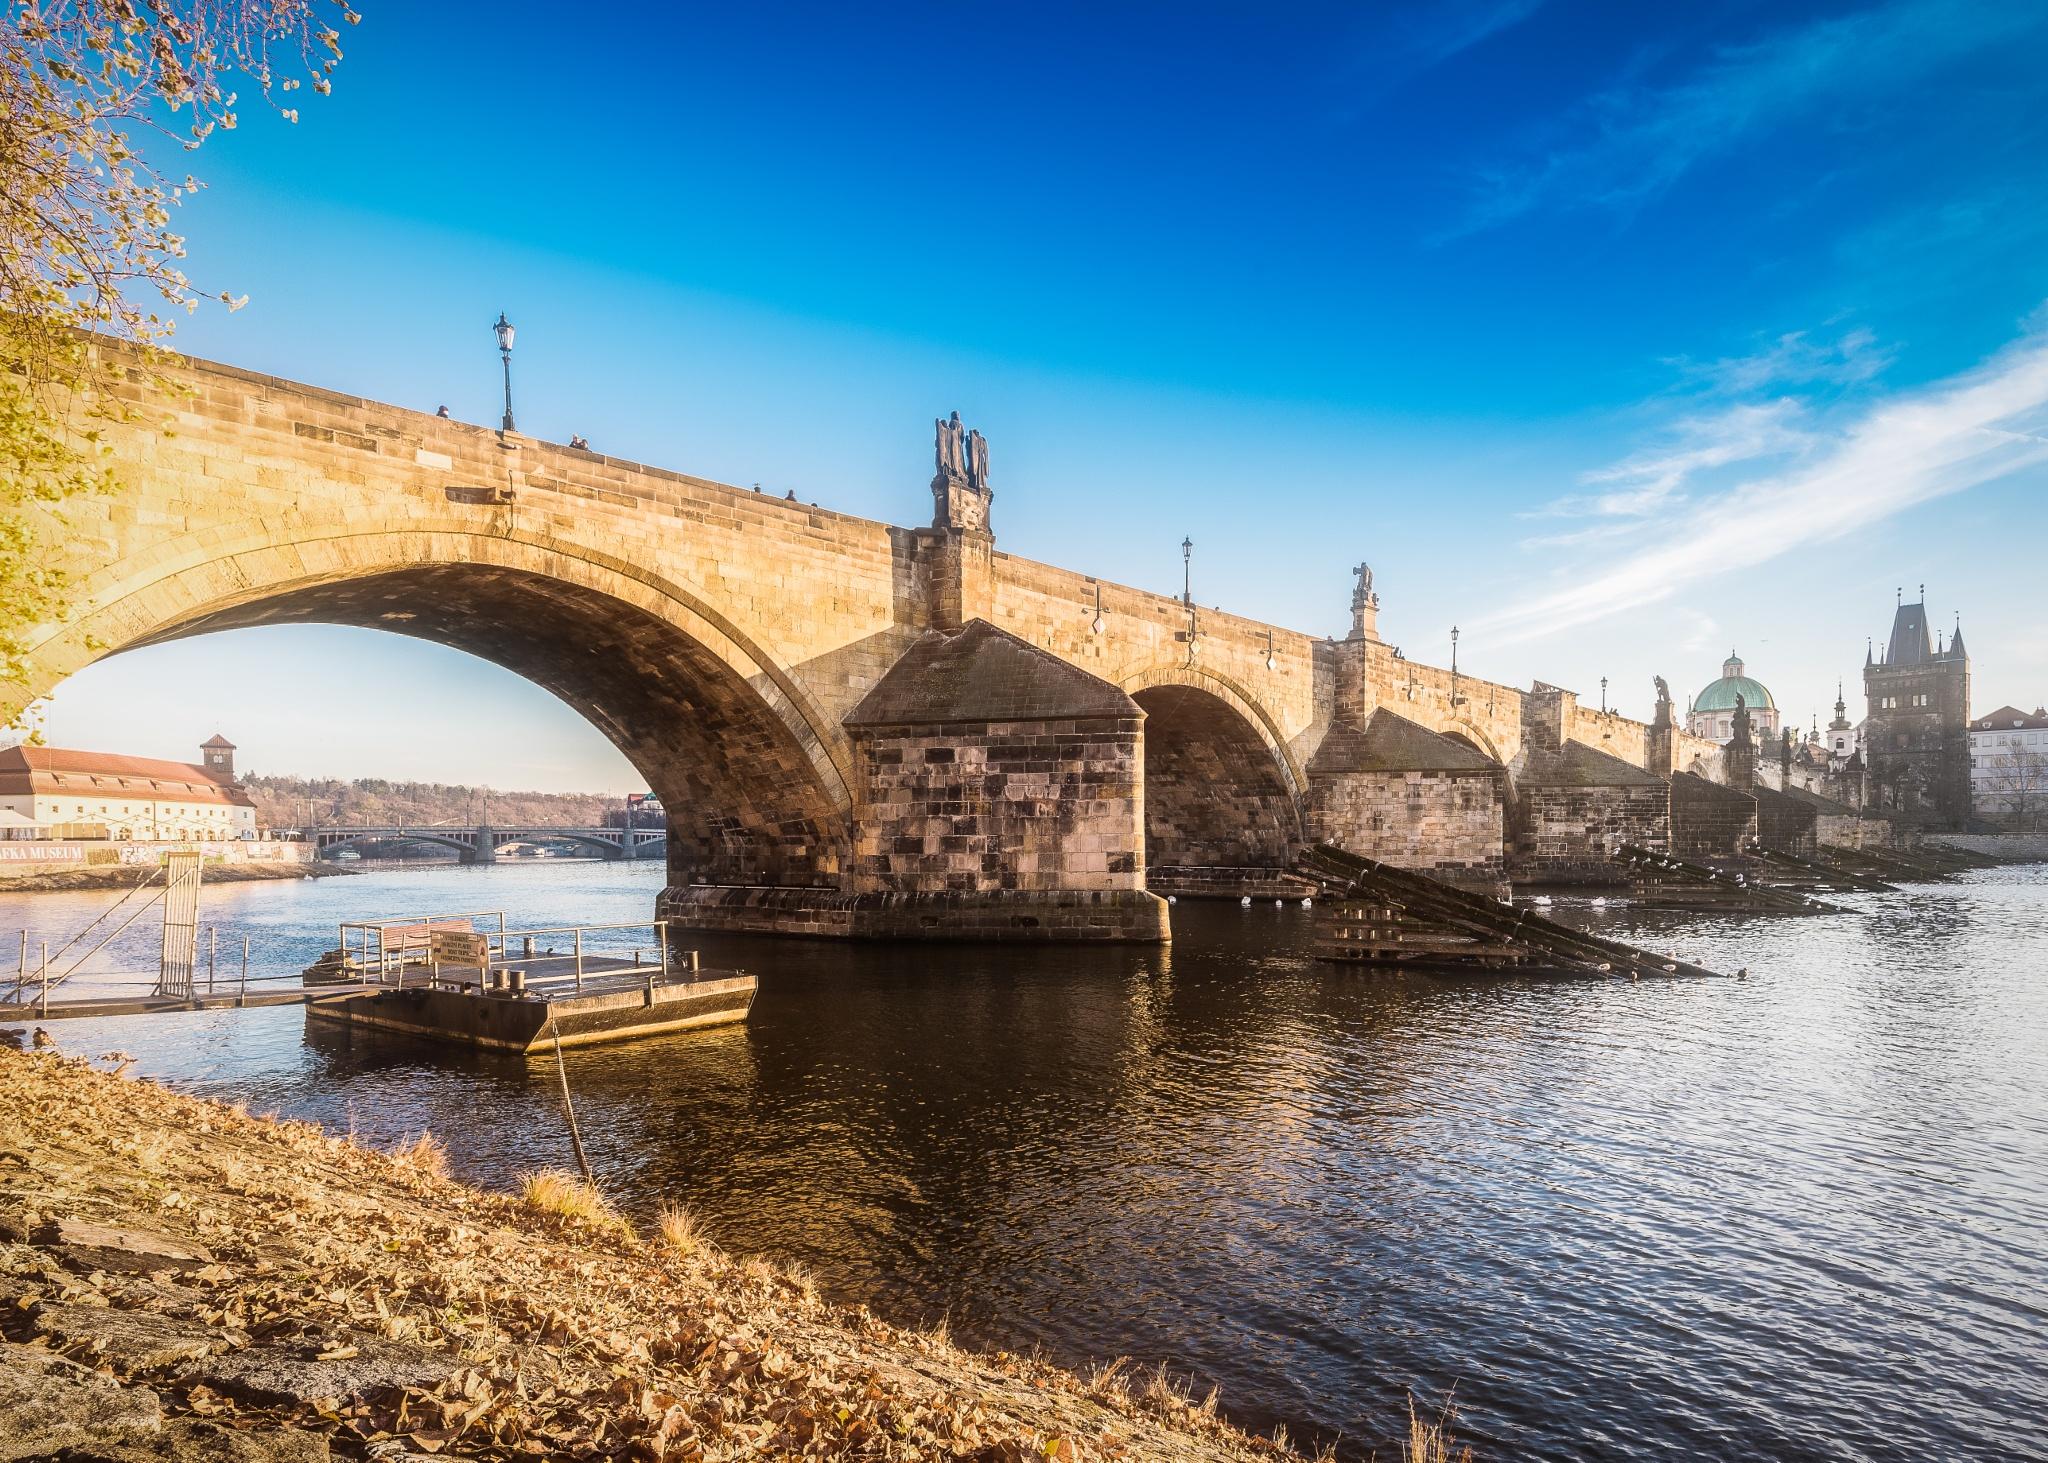 Morning at Charles bridge by sue nagyova